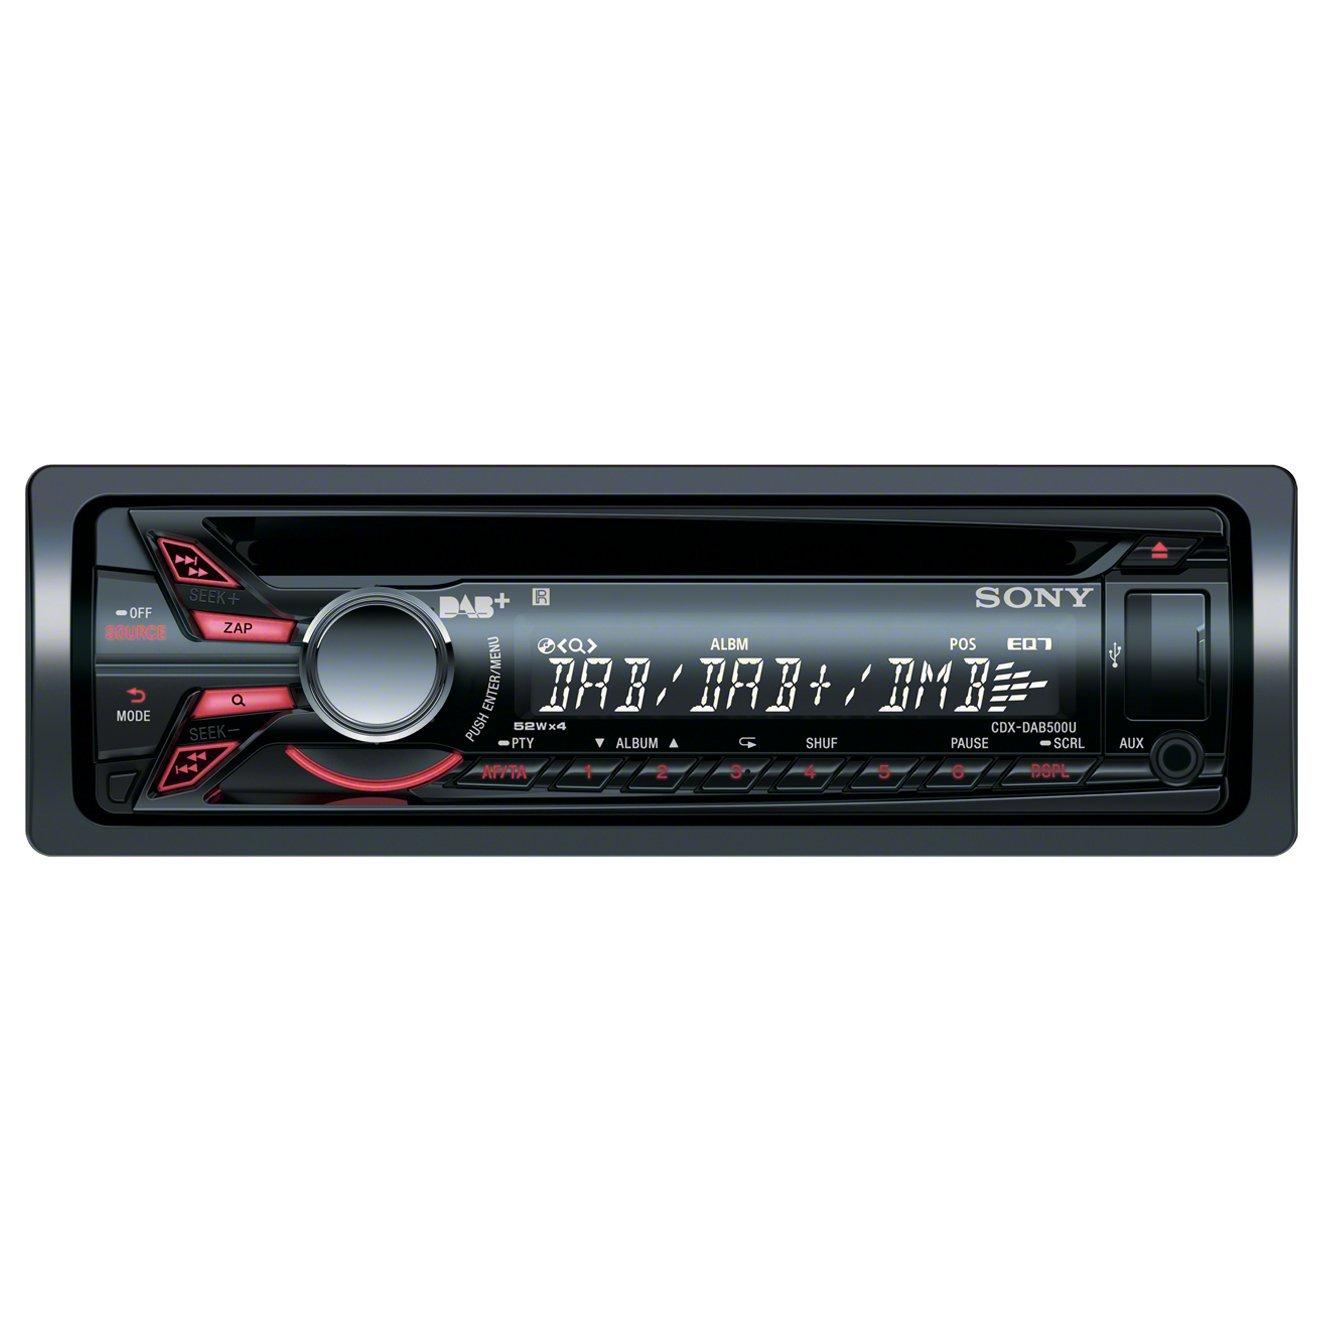 sony cdx dab500u cd mp3 dab digital radio usb aux in ipod iphone sony car radio cd tuner aux usb ipod dab